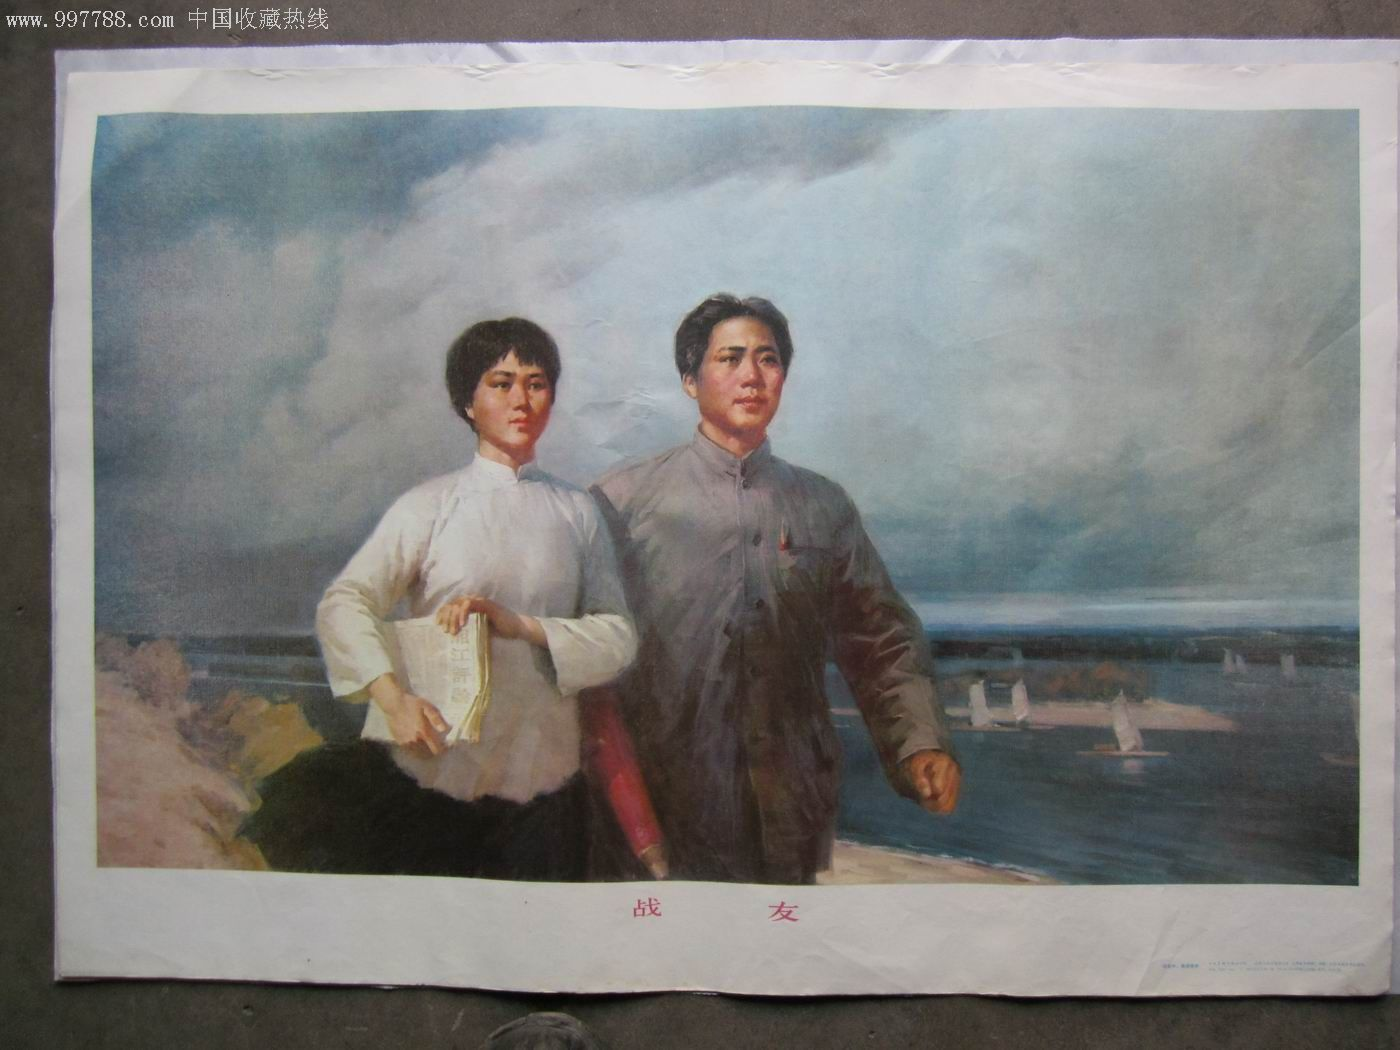 东也来到北京,并经恩师介绍,在北京大学图书馆任助理员。据毛泽东在陕北对斯诺所述,正是这时我遇见并爱上了杨开慧,她是我以前的伦理学教员杨昌济的女儿。17岁的杨开慧在京遇同乡知己,两人经常漫步于紫禁城外的护城河边,或北海的垂柳之下。翌年,毛泽东返湘时两人相约通信,以润、霞相称。同年,毛泽东再次来京时,就住到杨家。在毛泽东帮助下,杨开慧大量阅读了《新青年》、《新潮》等进步刊物,开阔了眼界,由于和毛泽东接触较多,志同道合,两人相爱了。但是在最开始的杨开慧性格比较内向,不轻易暴露自己的感情,她经过与毛择泽